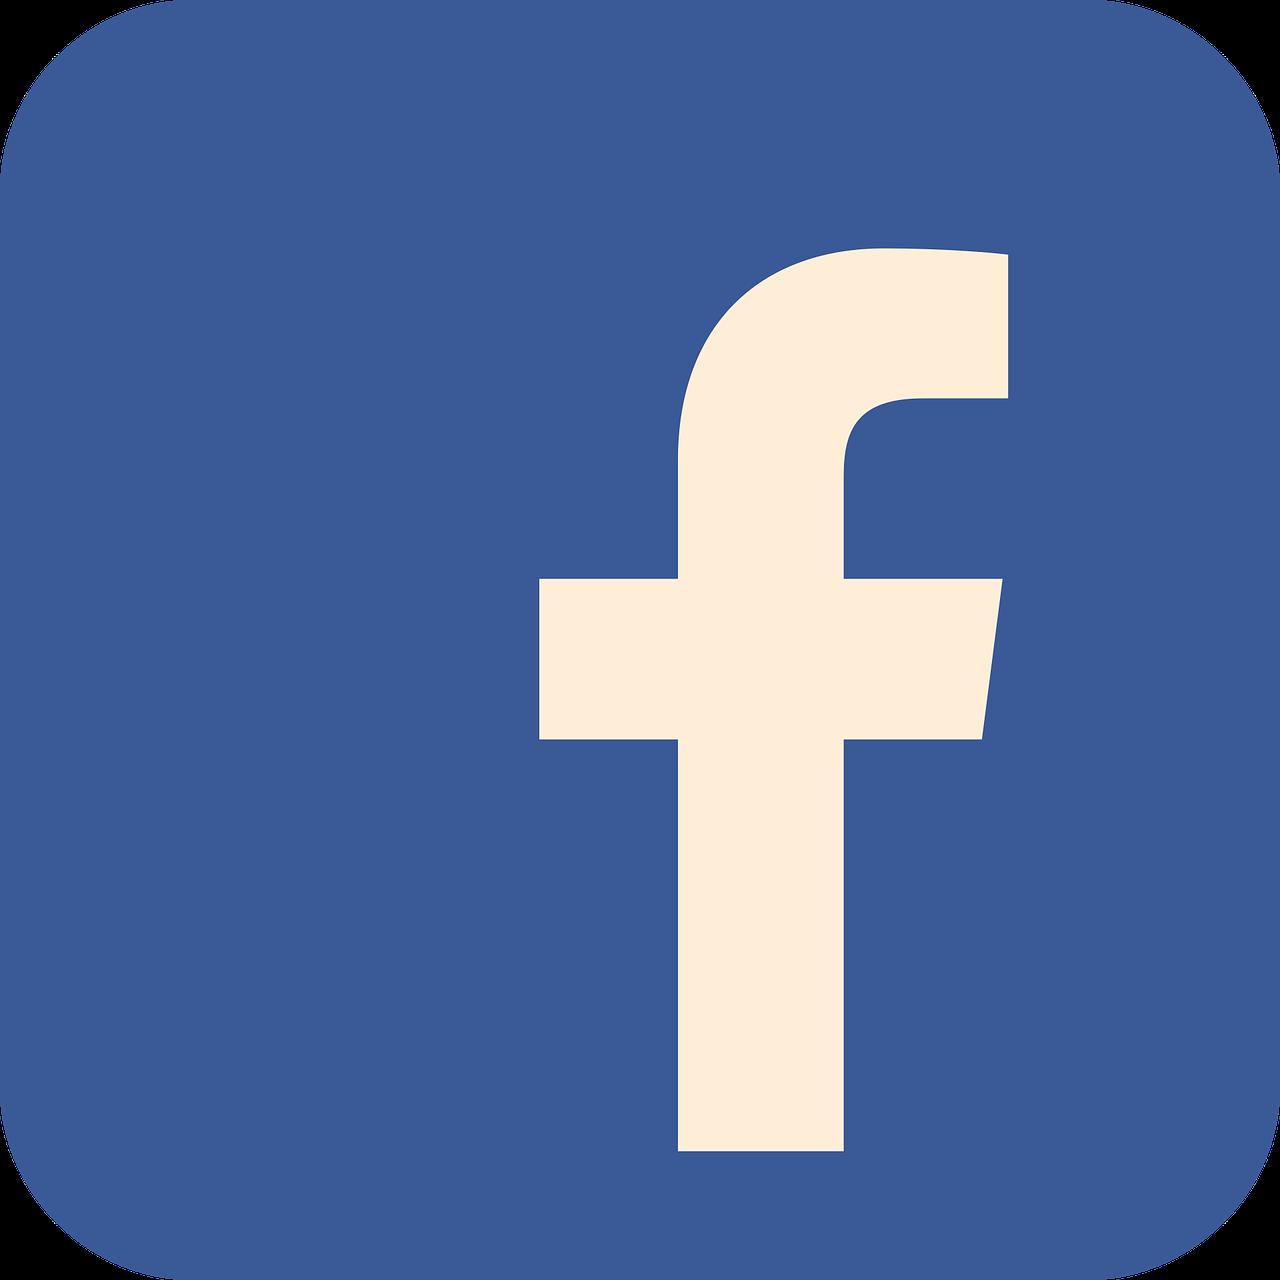 NOVUMfm bei Facebook